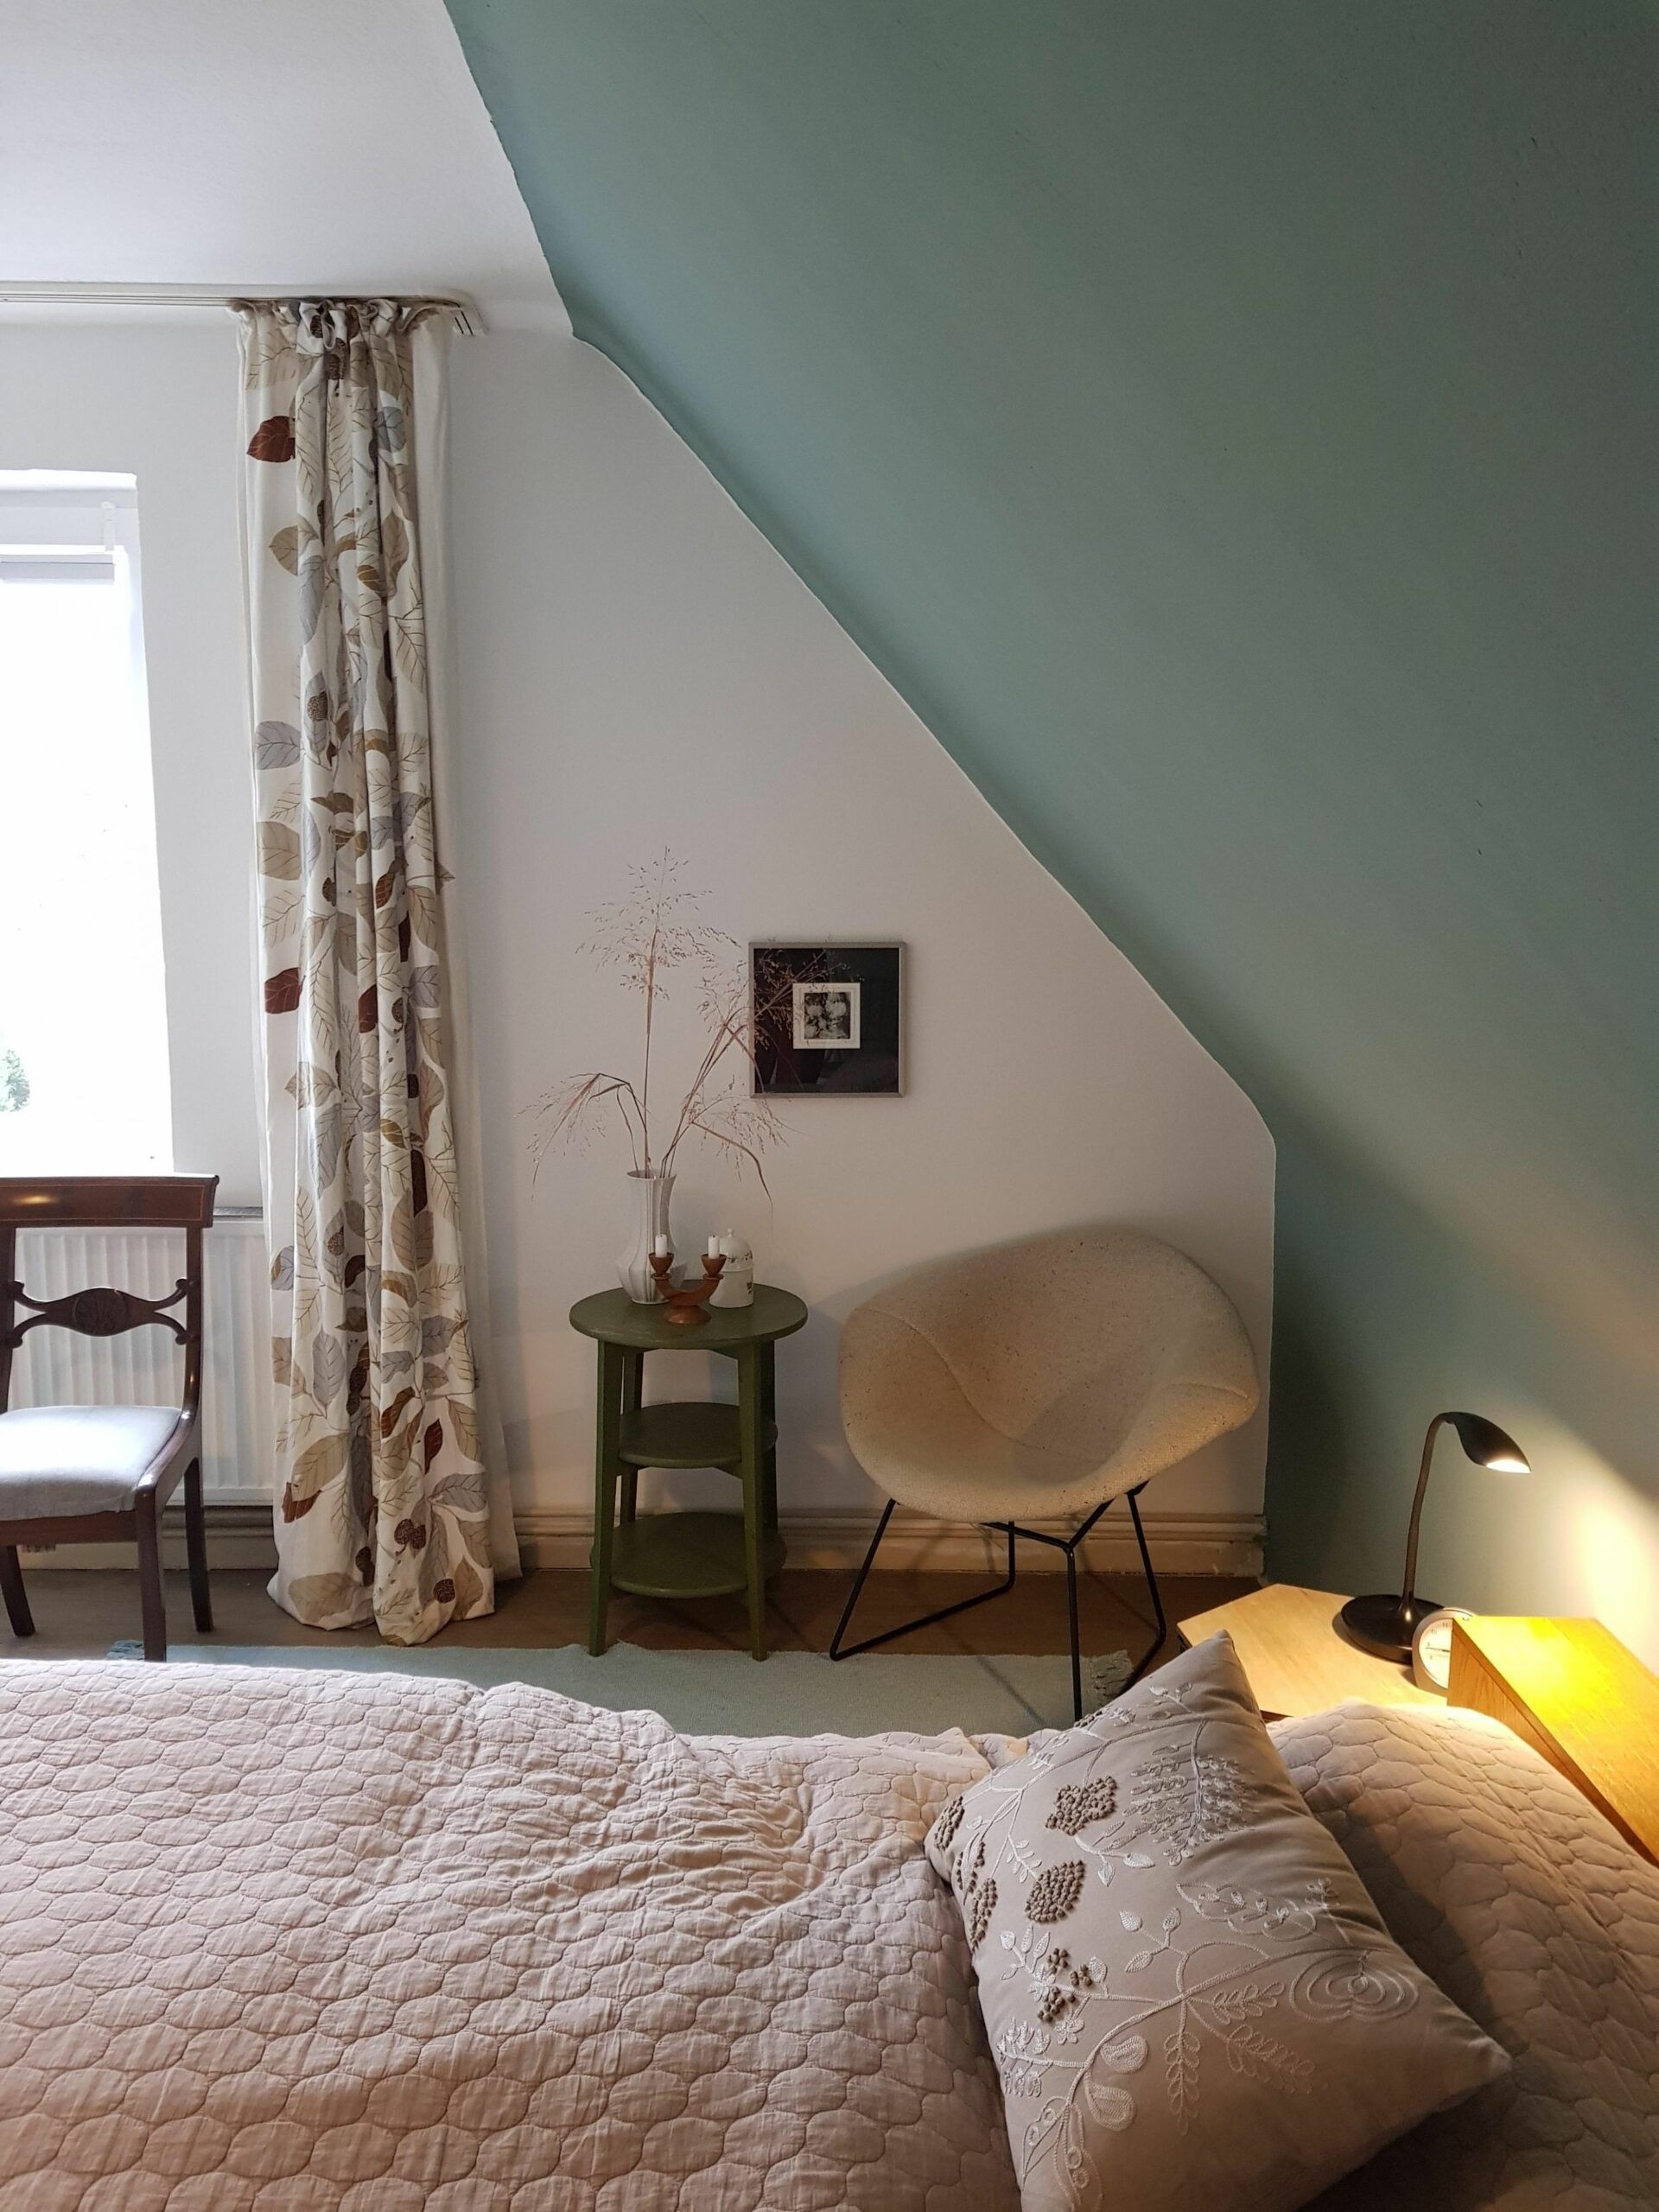 Kleines Schlafzimmer Mit Schr臠e Einrichten